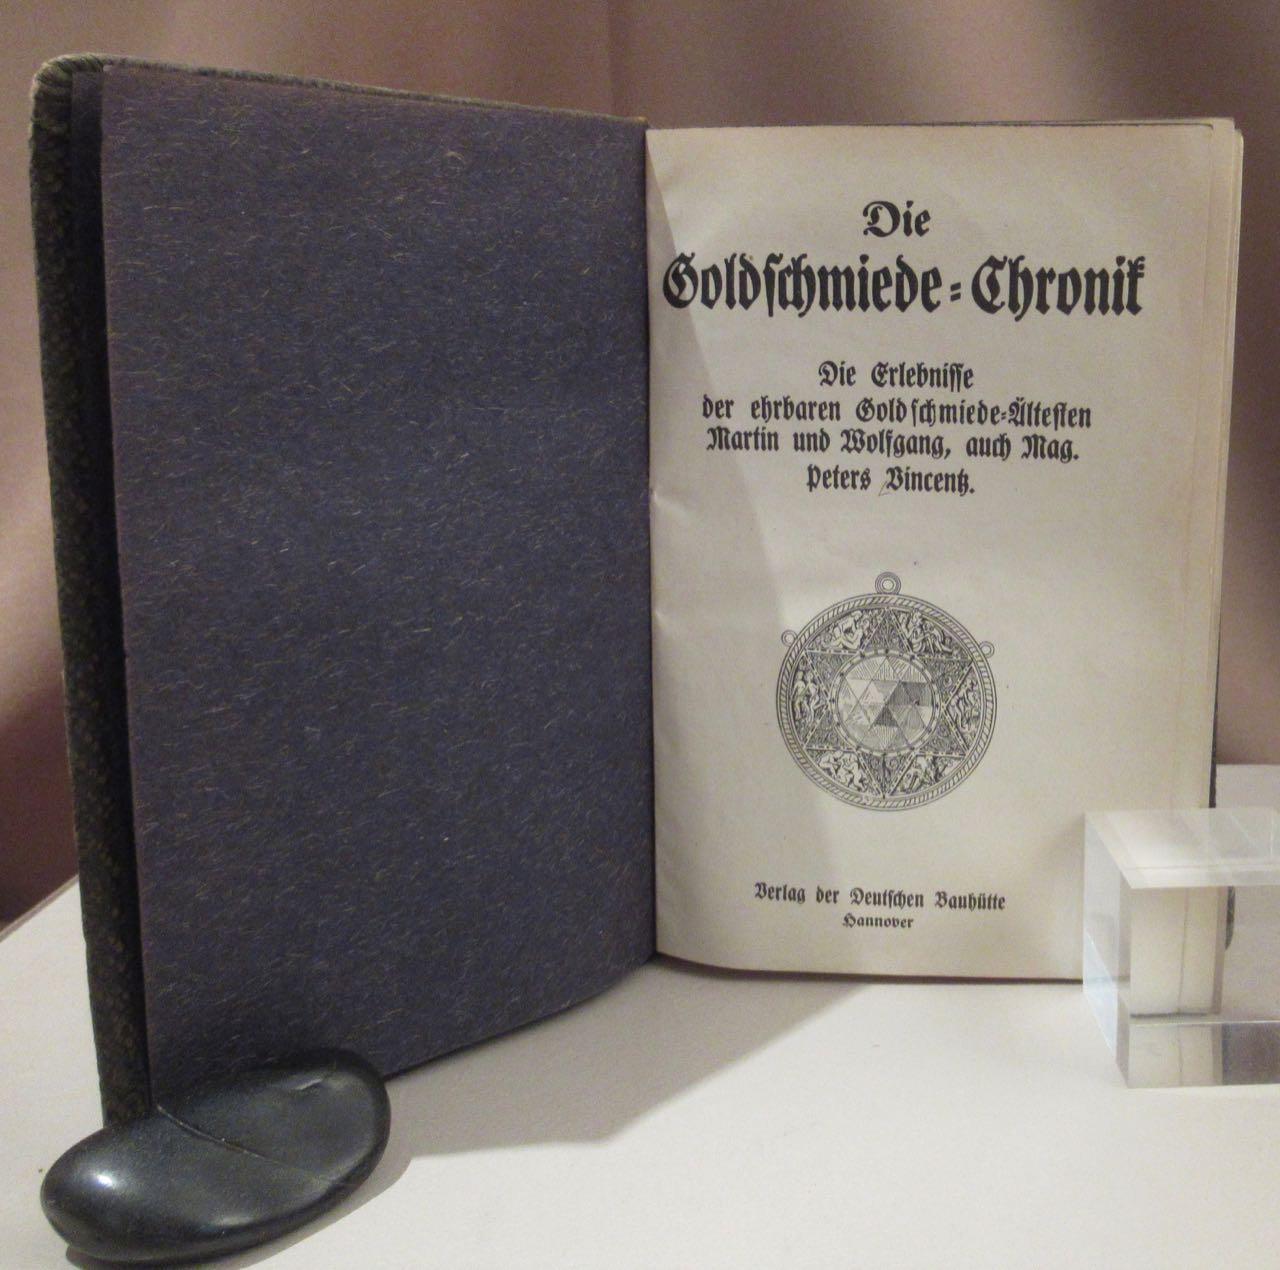 Die Goldschmiede-Chronik. Die Erlebnisse der ehrbaren Goldschmiede-Ältesten: Vincentz, Curt Rudolf.